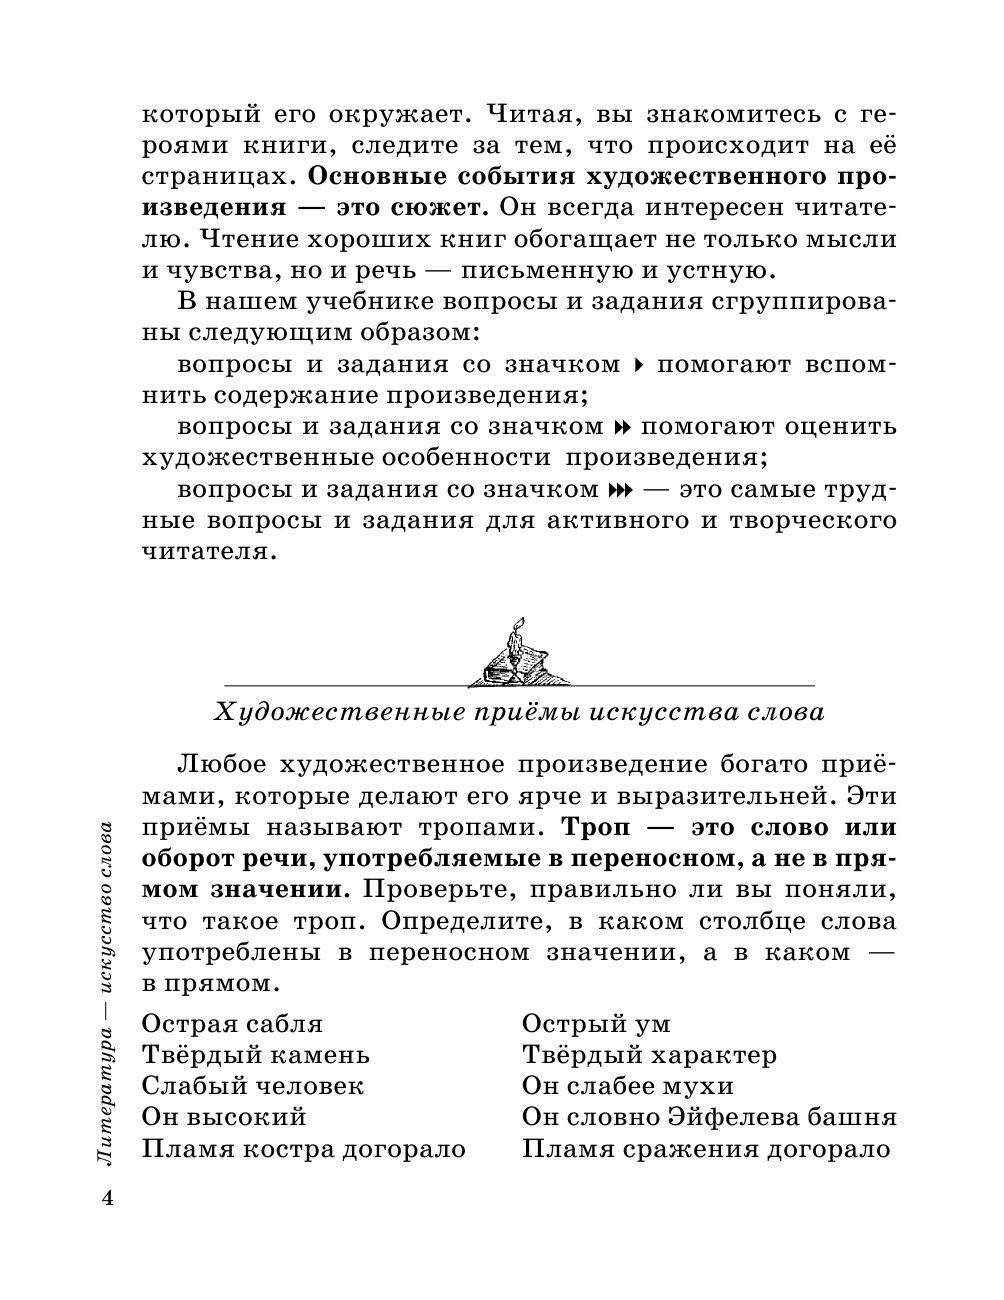 Гдз к литературет.ф.курдюмова скачать первая часть